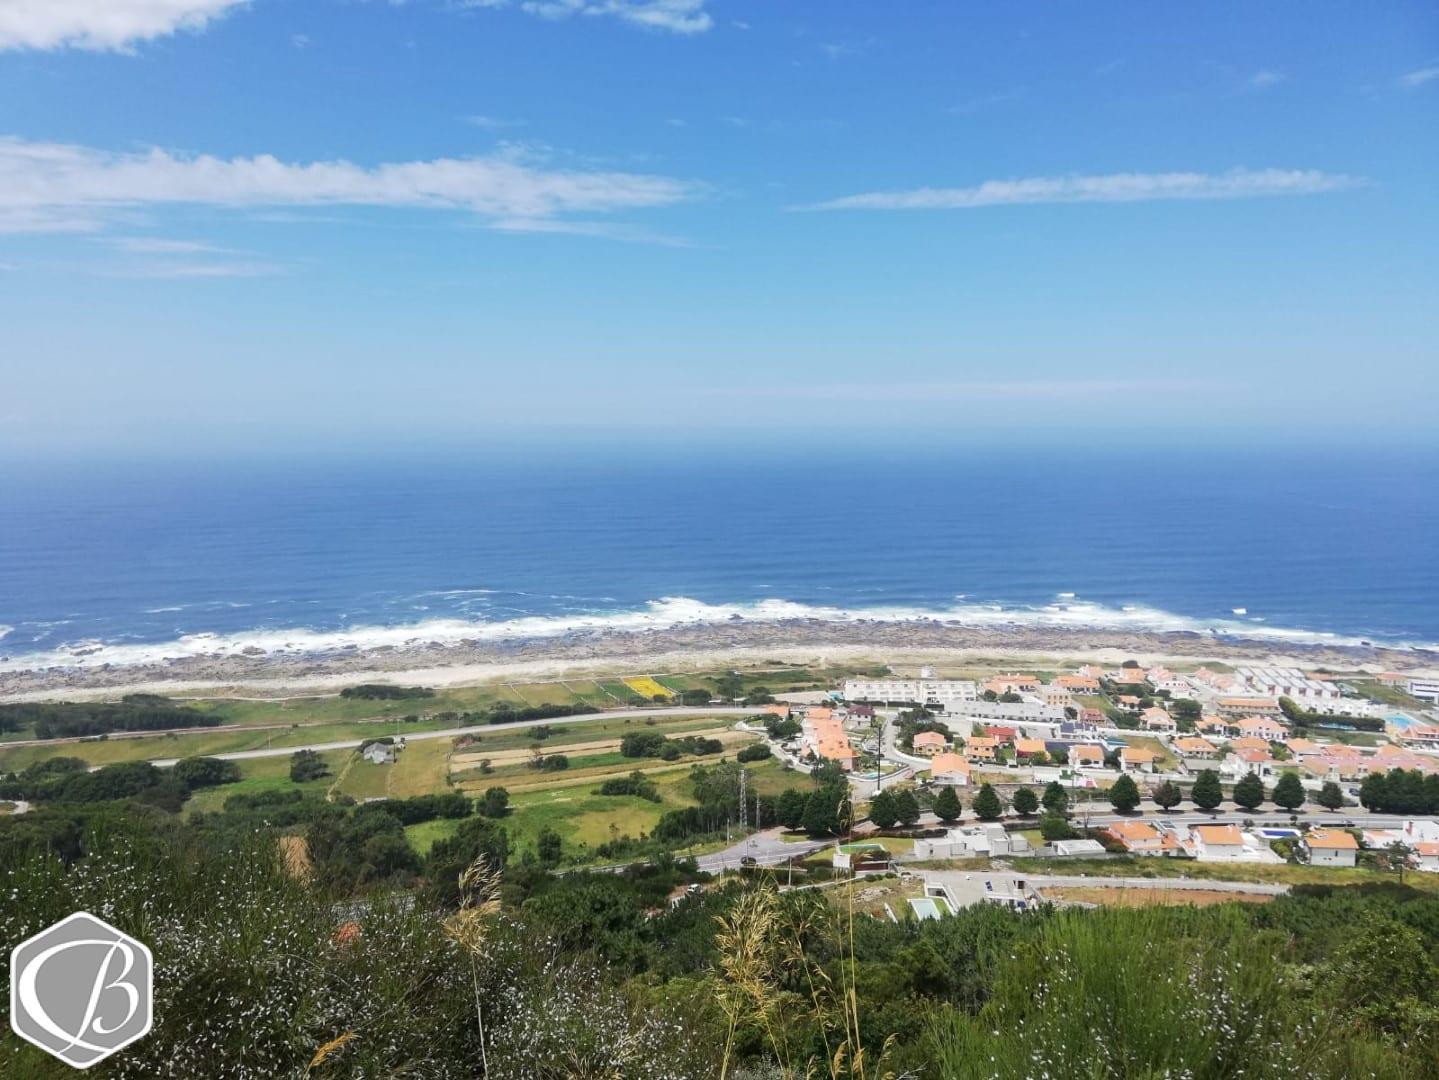 Fitnessreise Portugal Moledo Sporteventwoche Strand Meer Traumkulisse